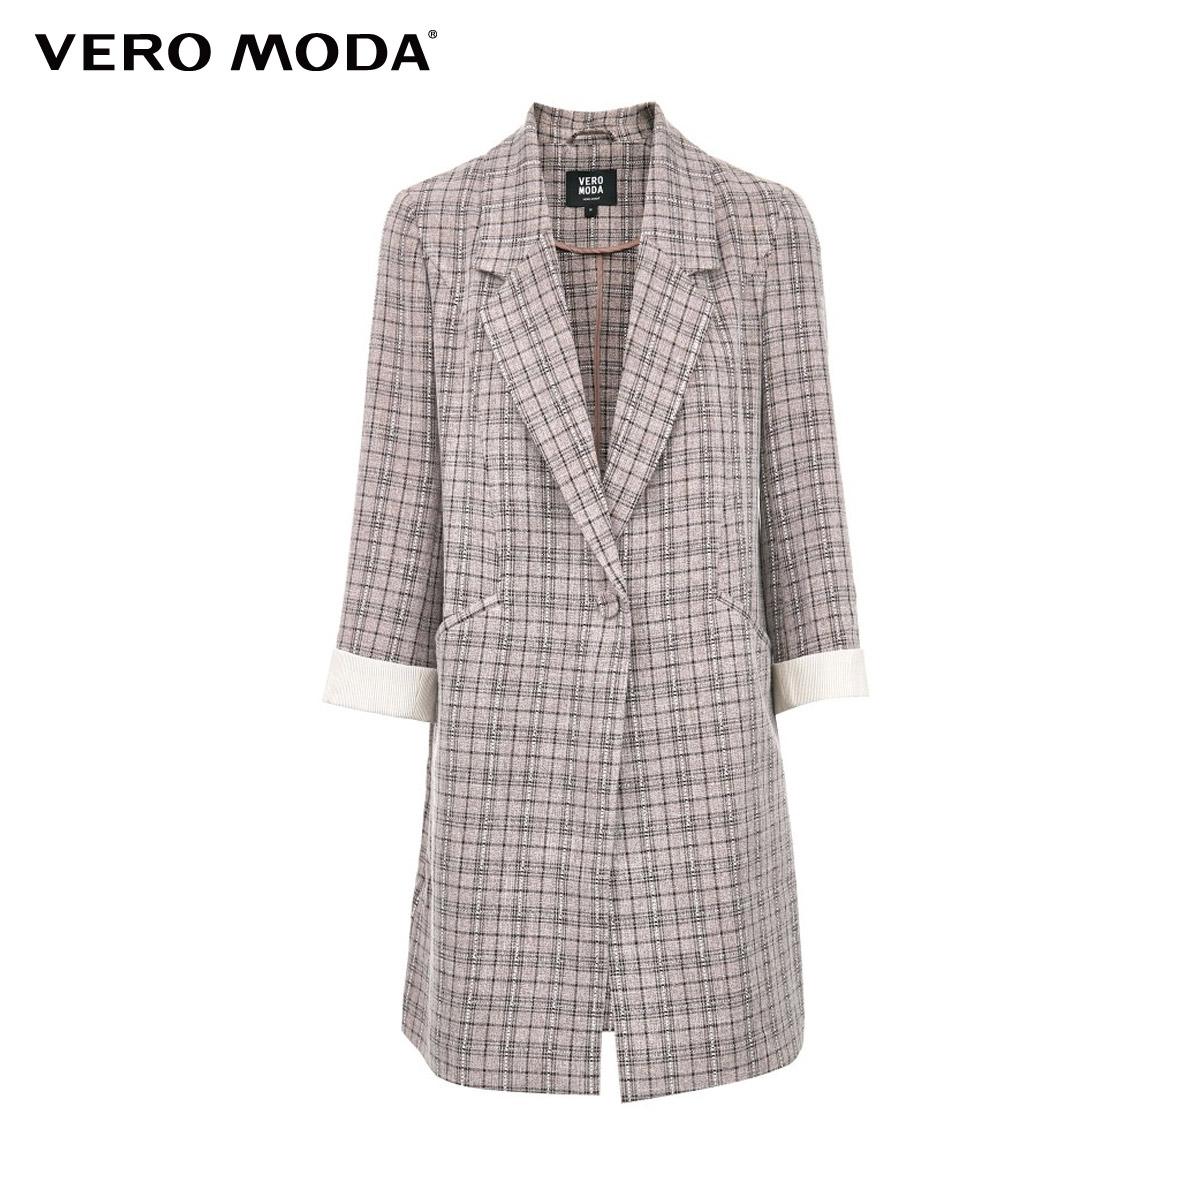 vero moda2021春夏新款格纹七分袖质量可靠吗